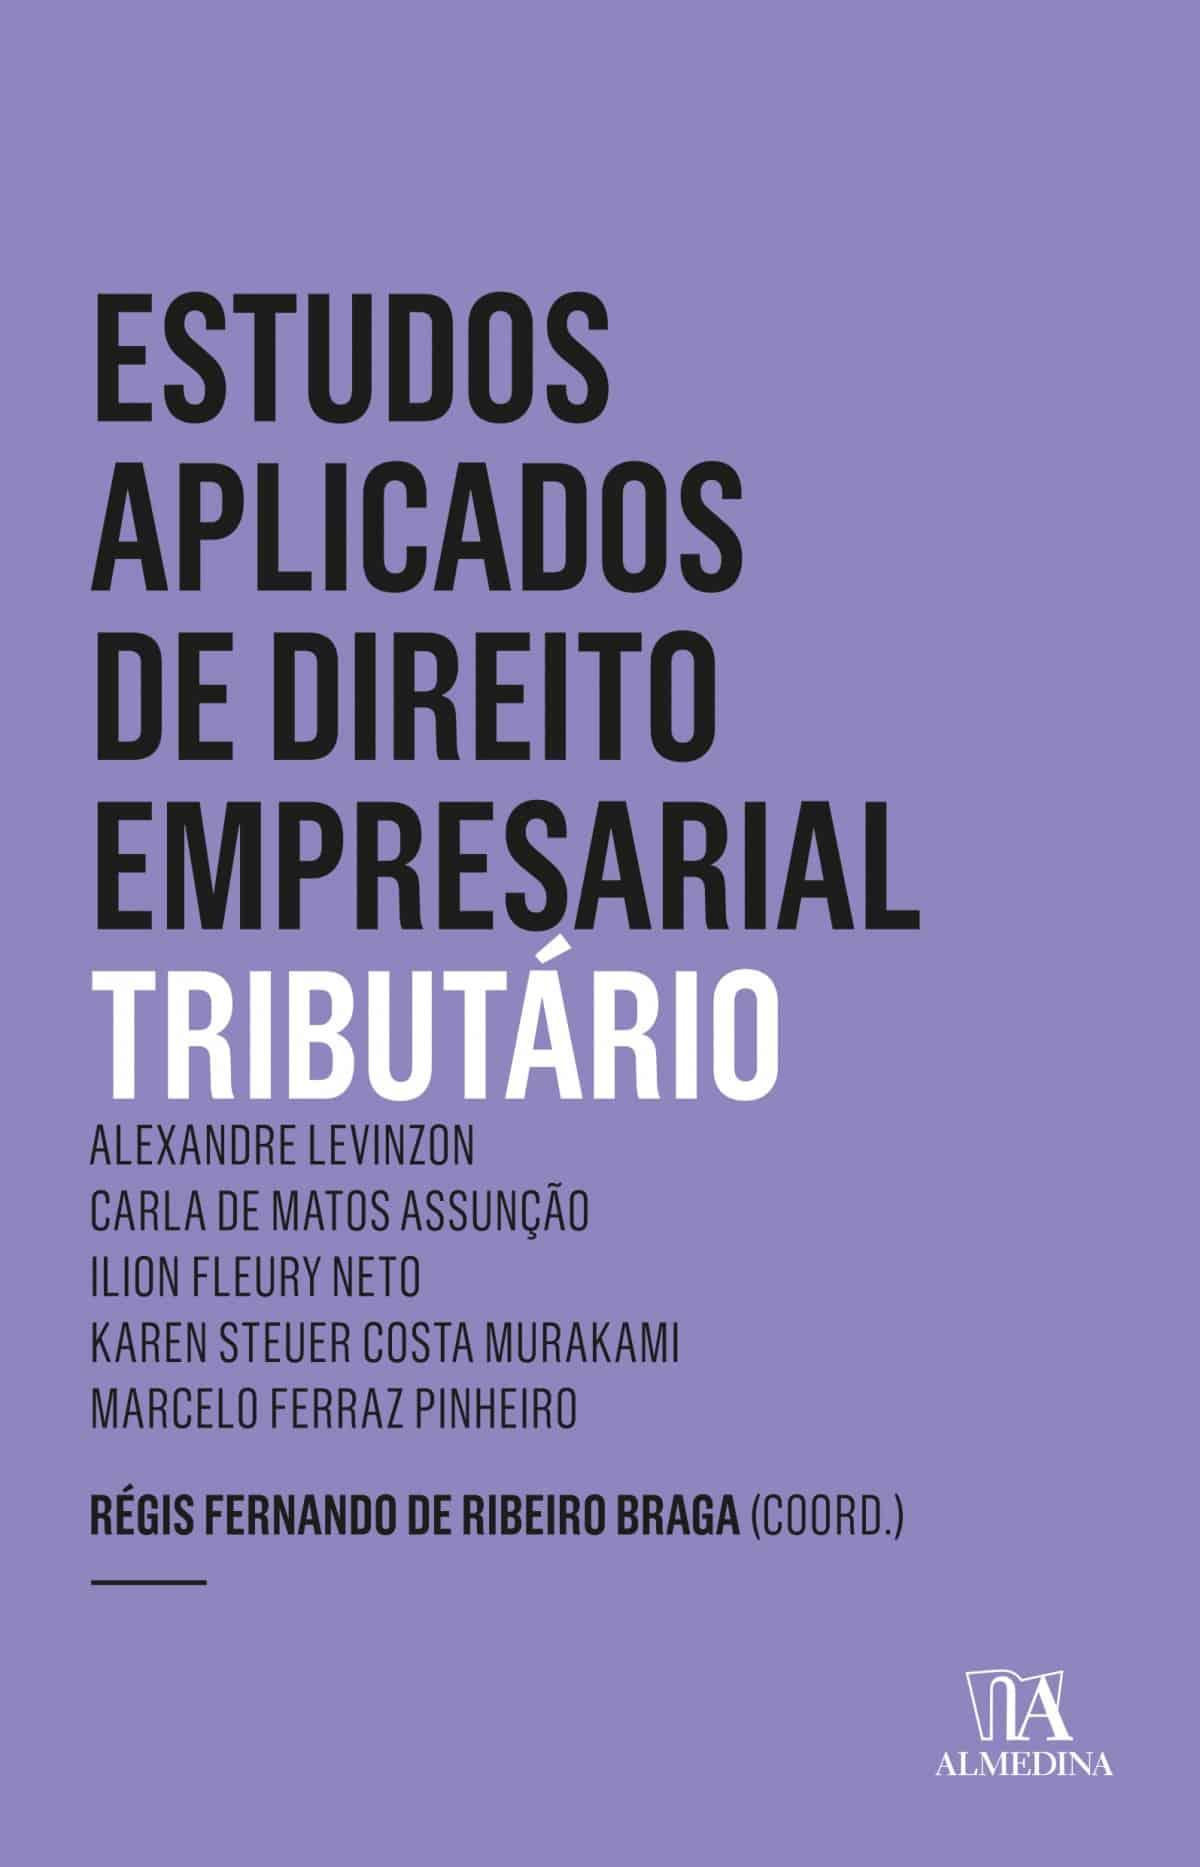 Foto 1 - Estudos Aplicados de Direito Empresarial Tributário